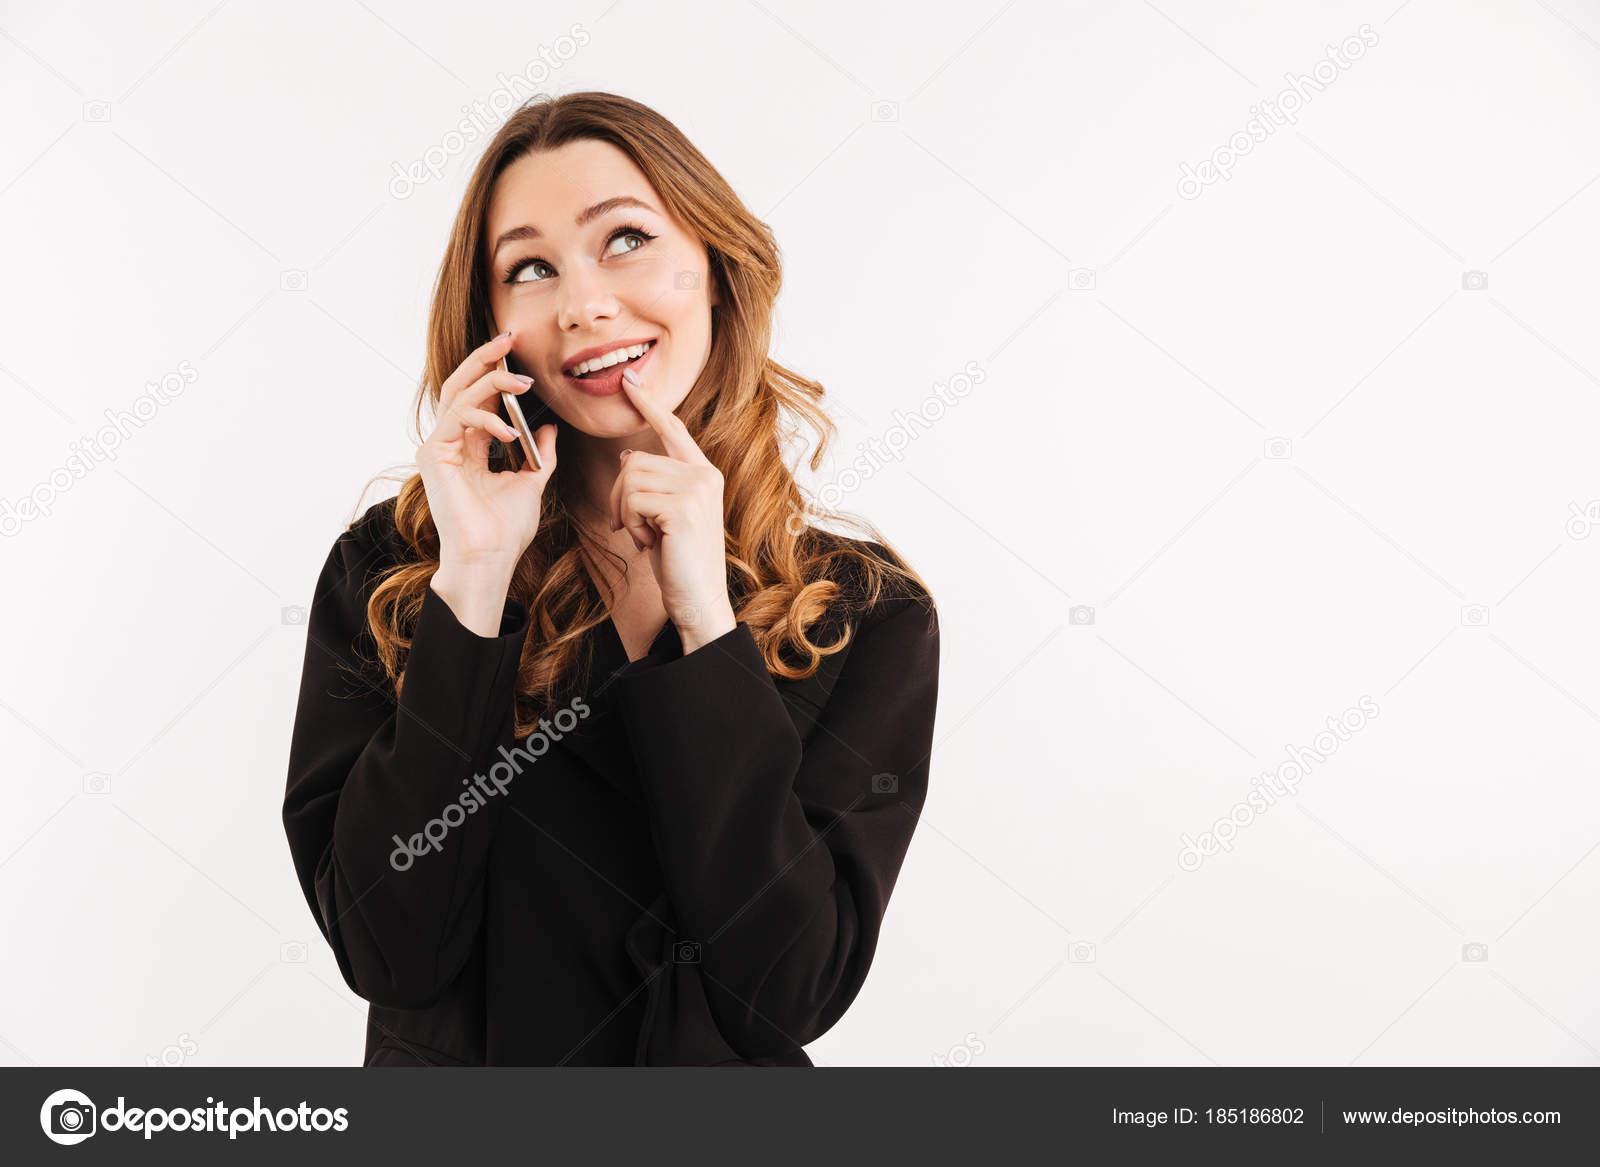 femme d'affaires fabuleux avec des cheveux longs auburn en costume